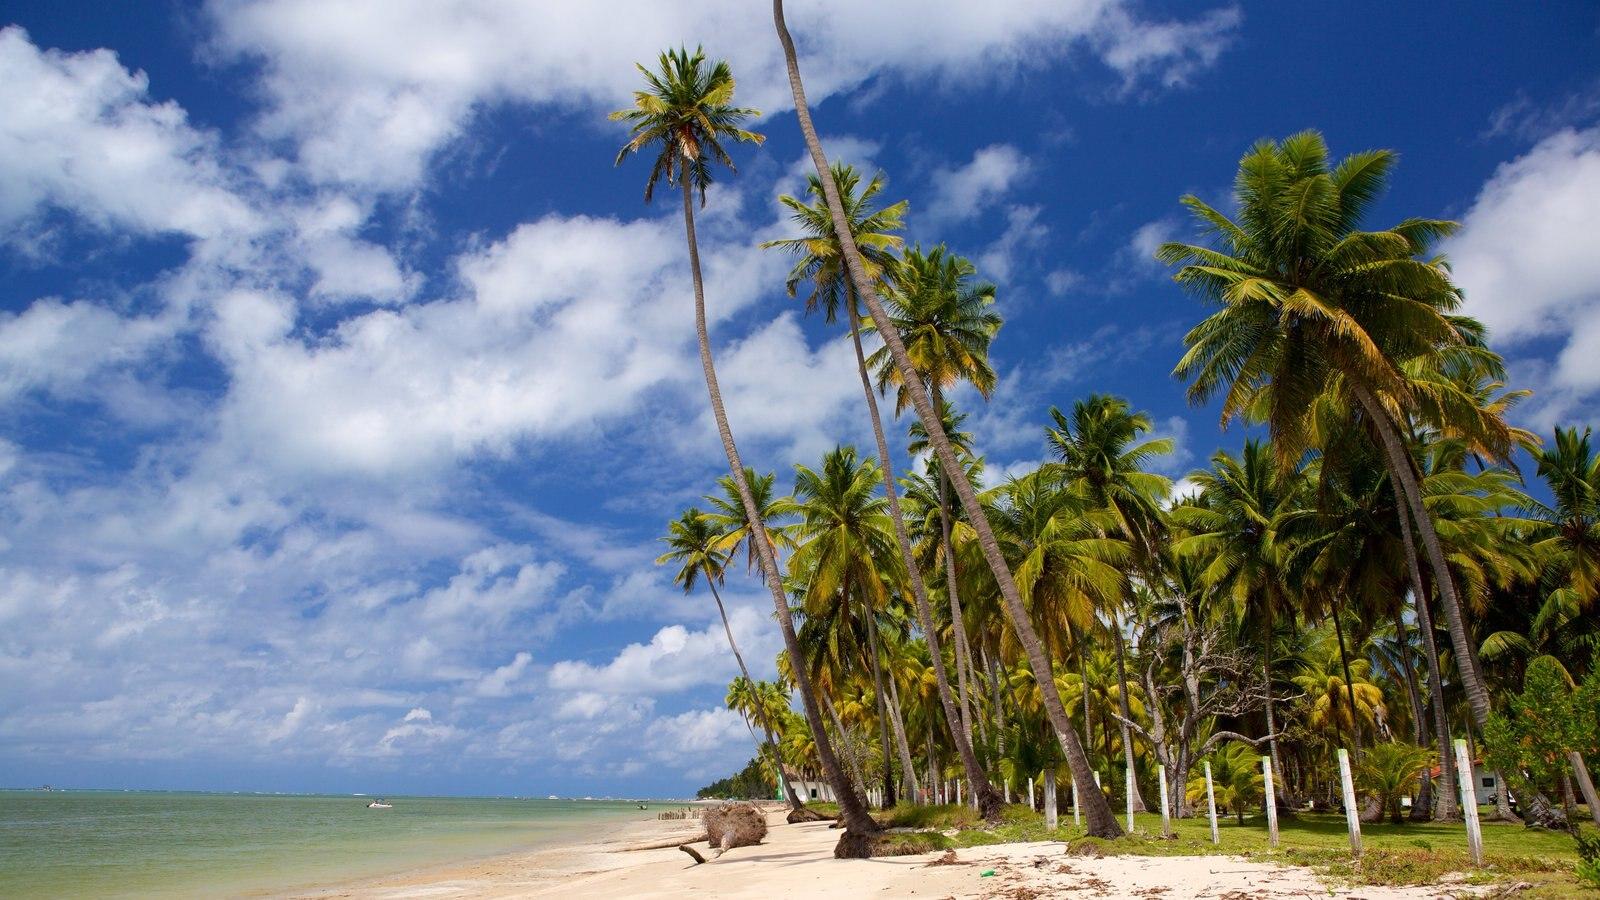 Tamandaré que inclui uma praia de areia e cenas tropicais